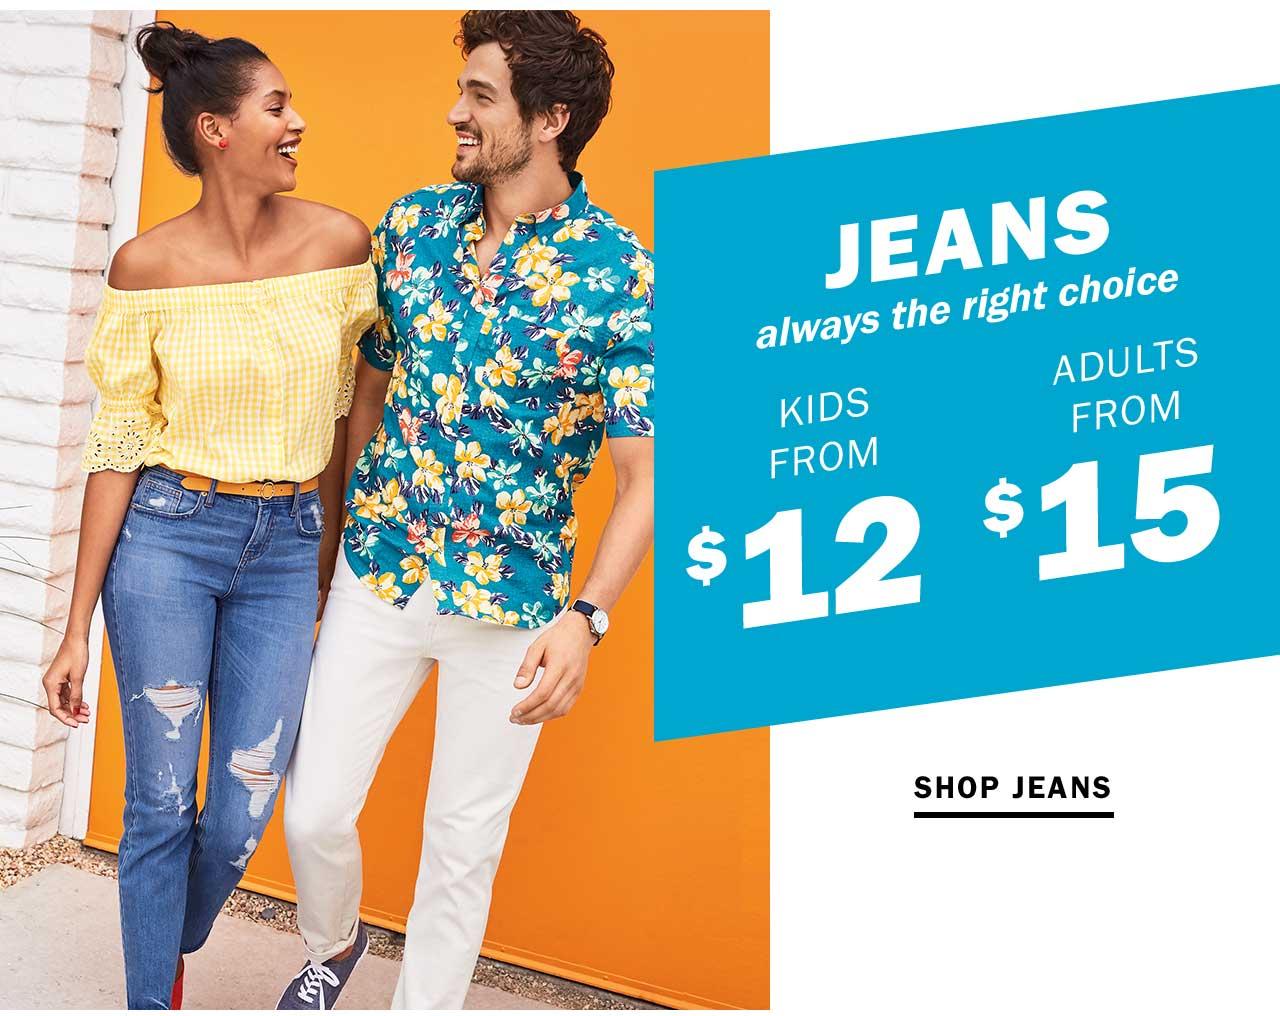 JEANS | SHOP JEANS